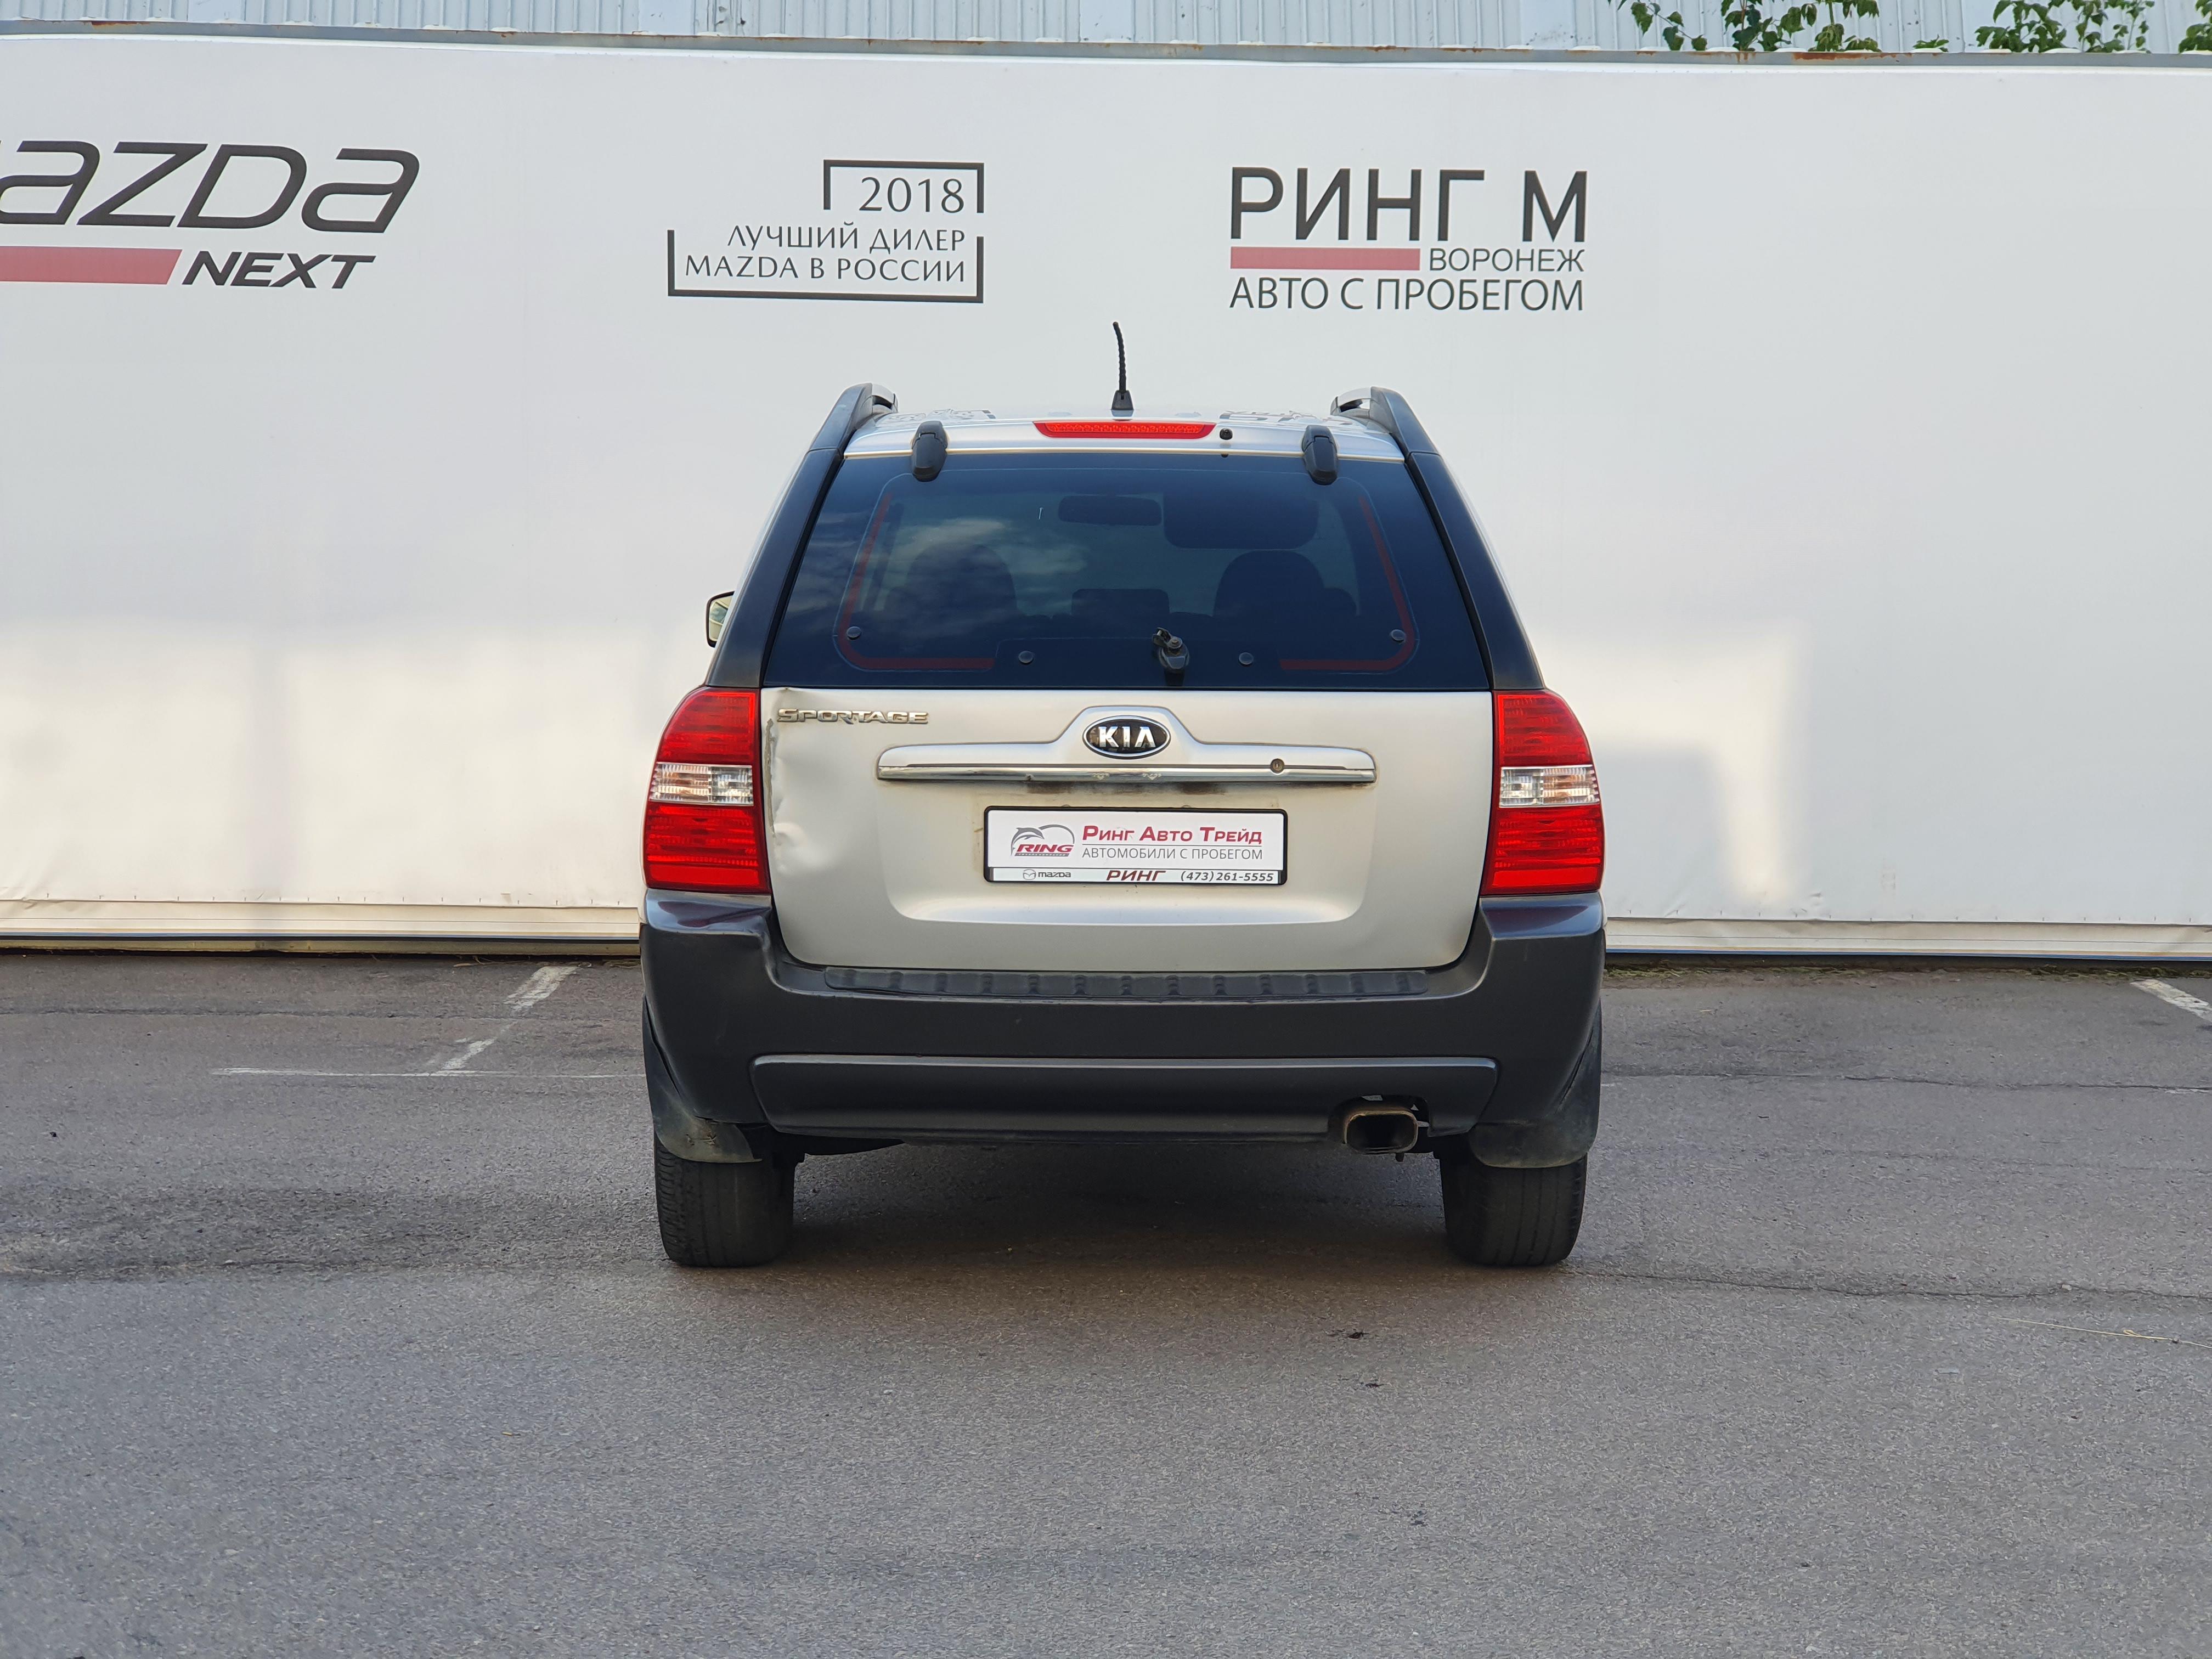 Kia Sportage Внедорожник (2007г.)